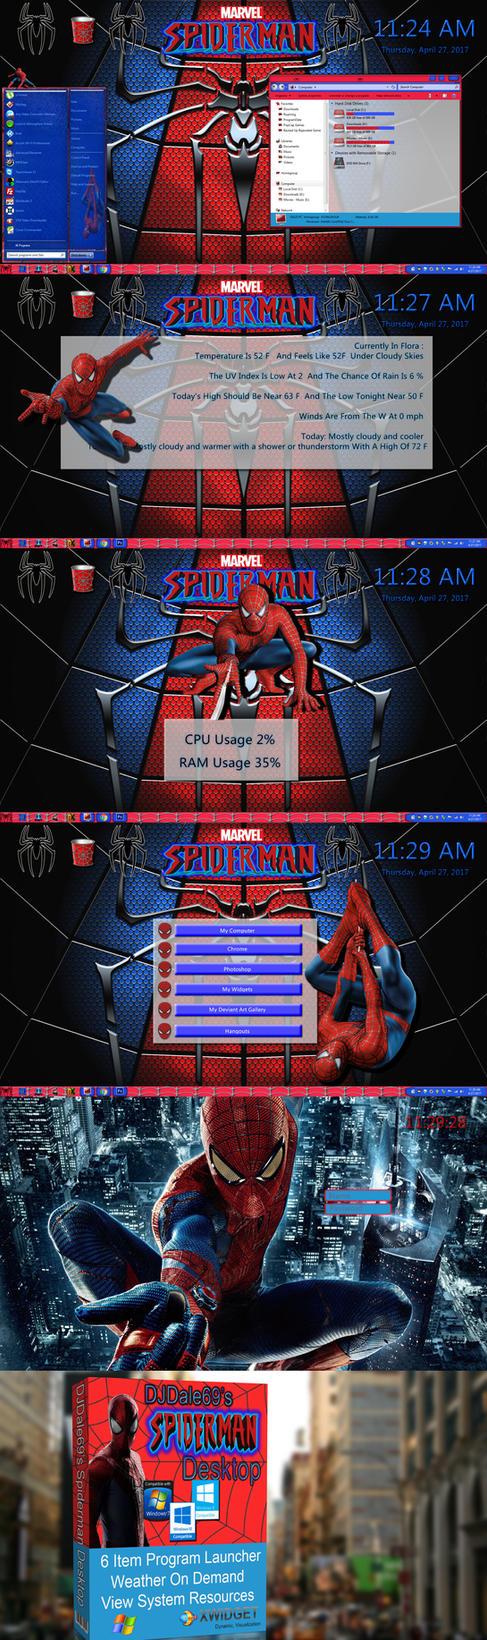 Spiderman Desktop by DJDale69